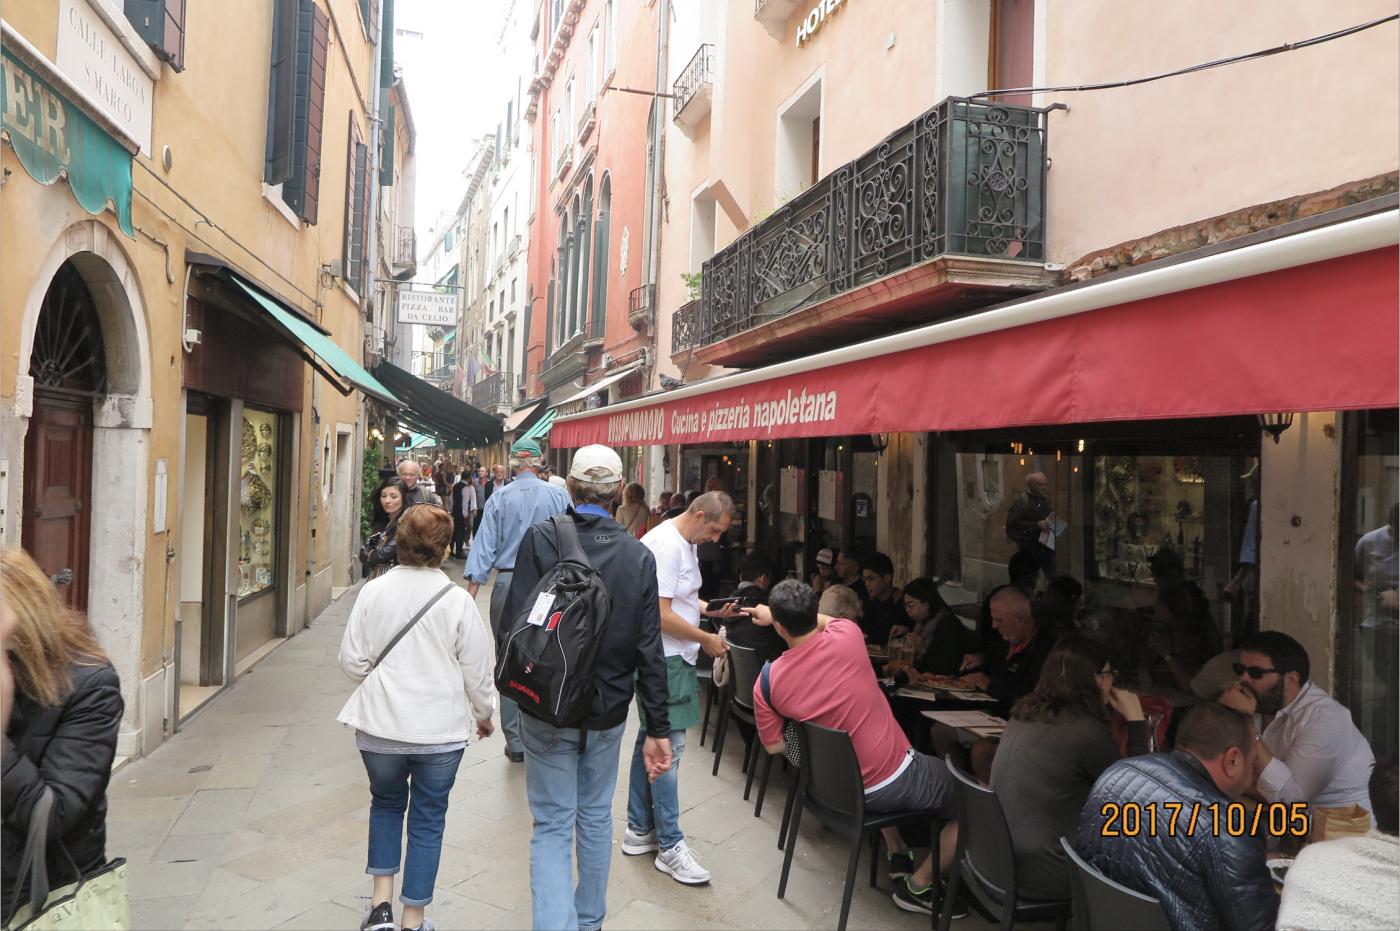 水乡威尼斯:无限的魅力永久的回忆_图1-39